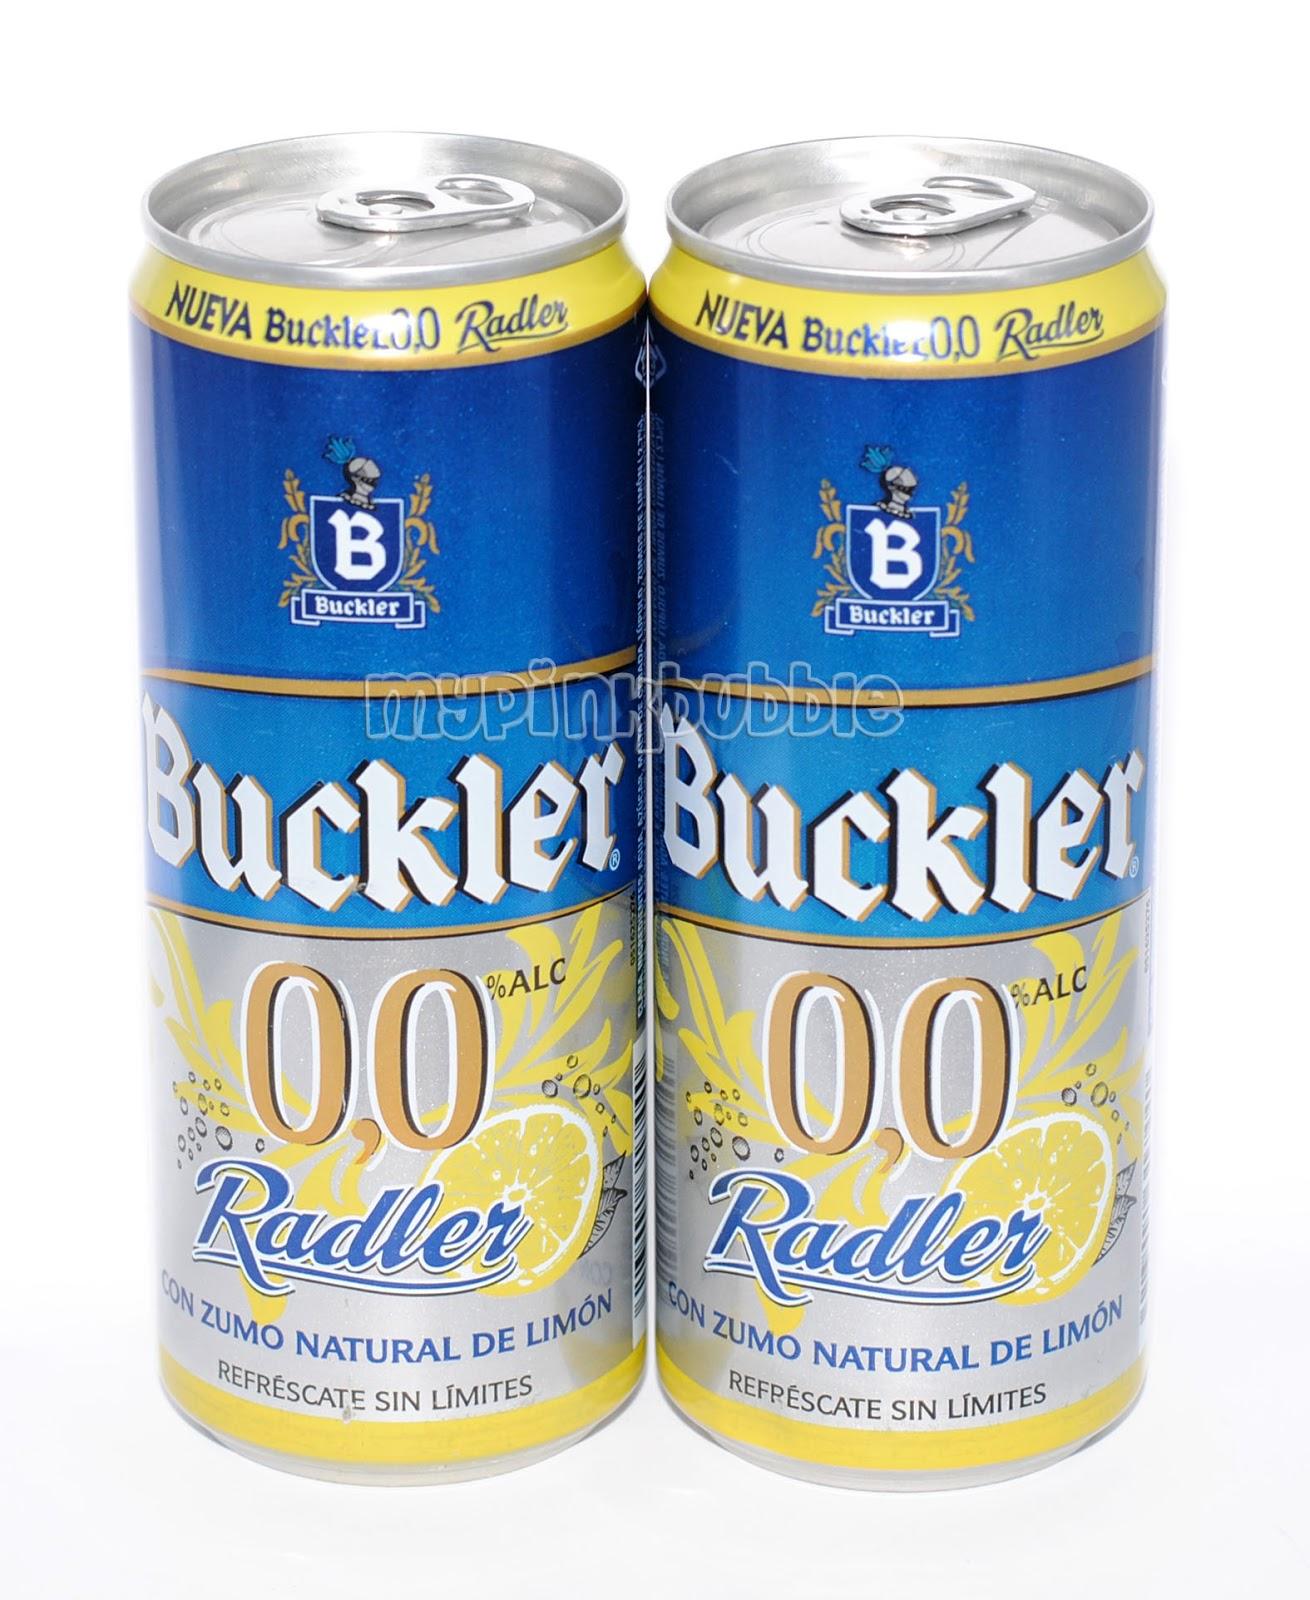 Cerveza Buckler 0,0 Radler